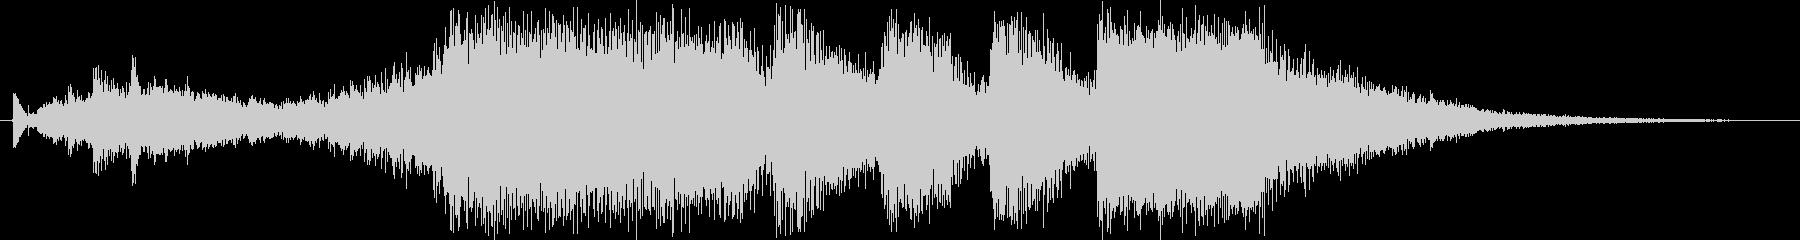 レベルアップっぽいファンファーレ1(豪華の未再生の波形